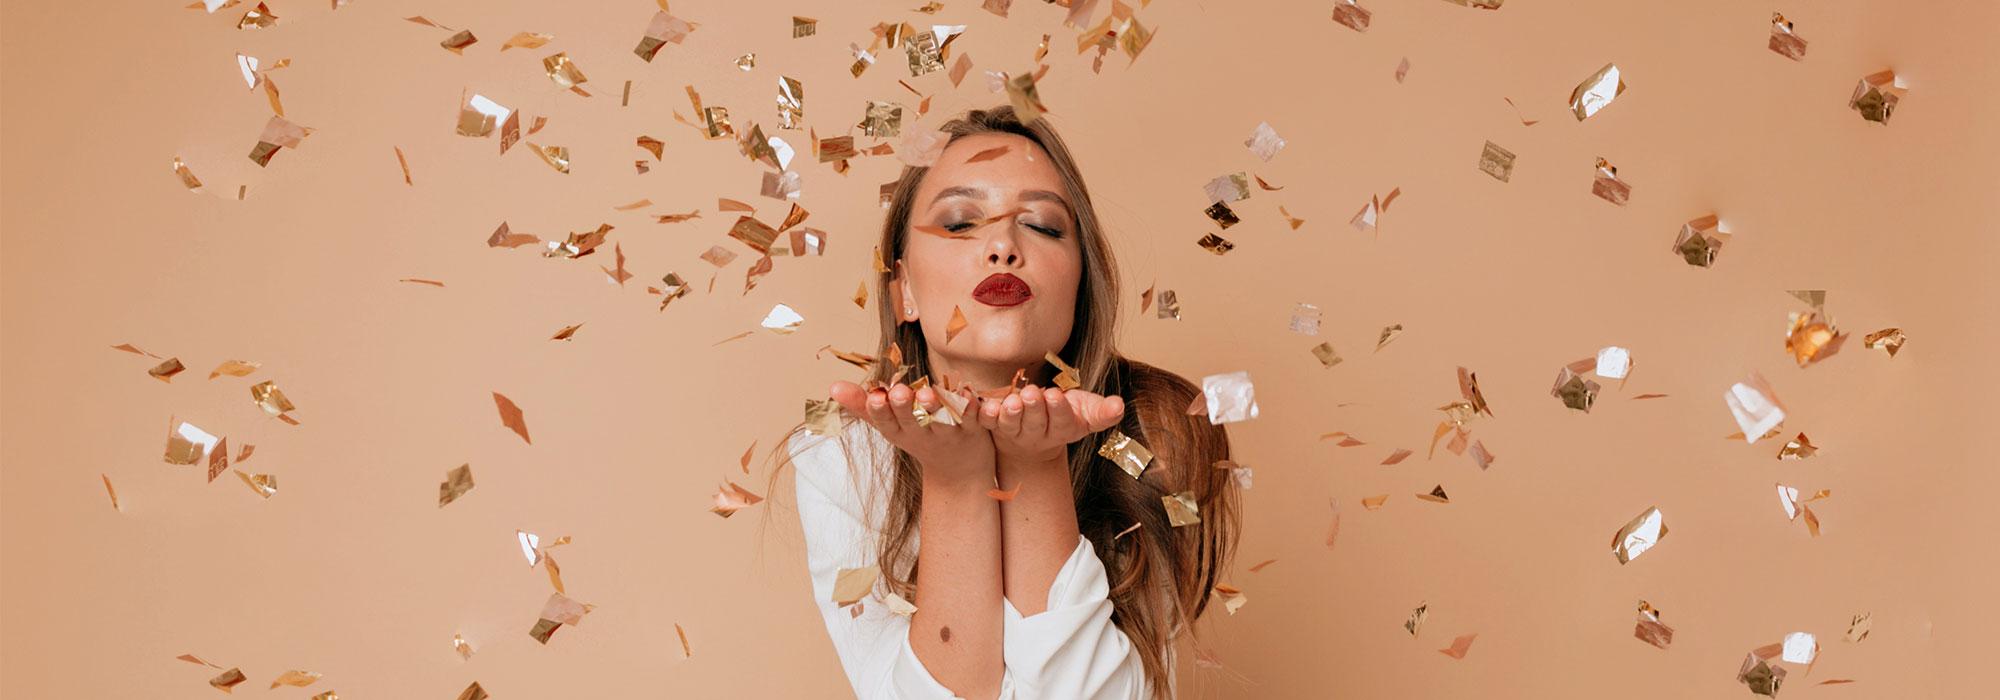 woman and confetti